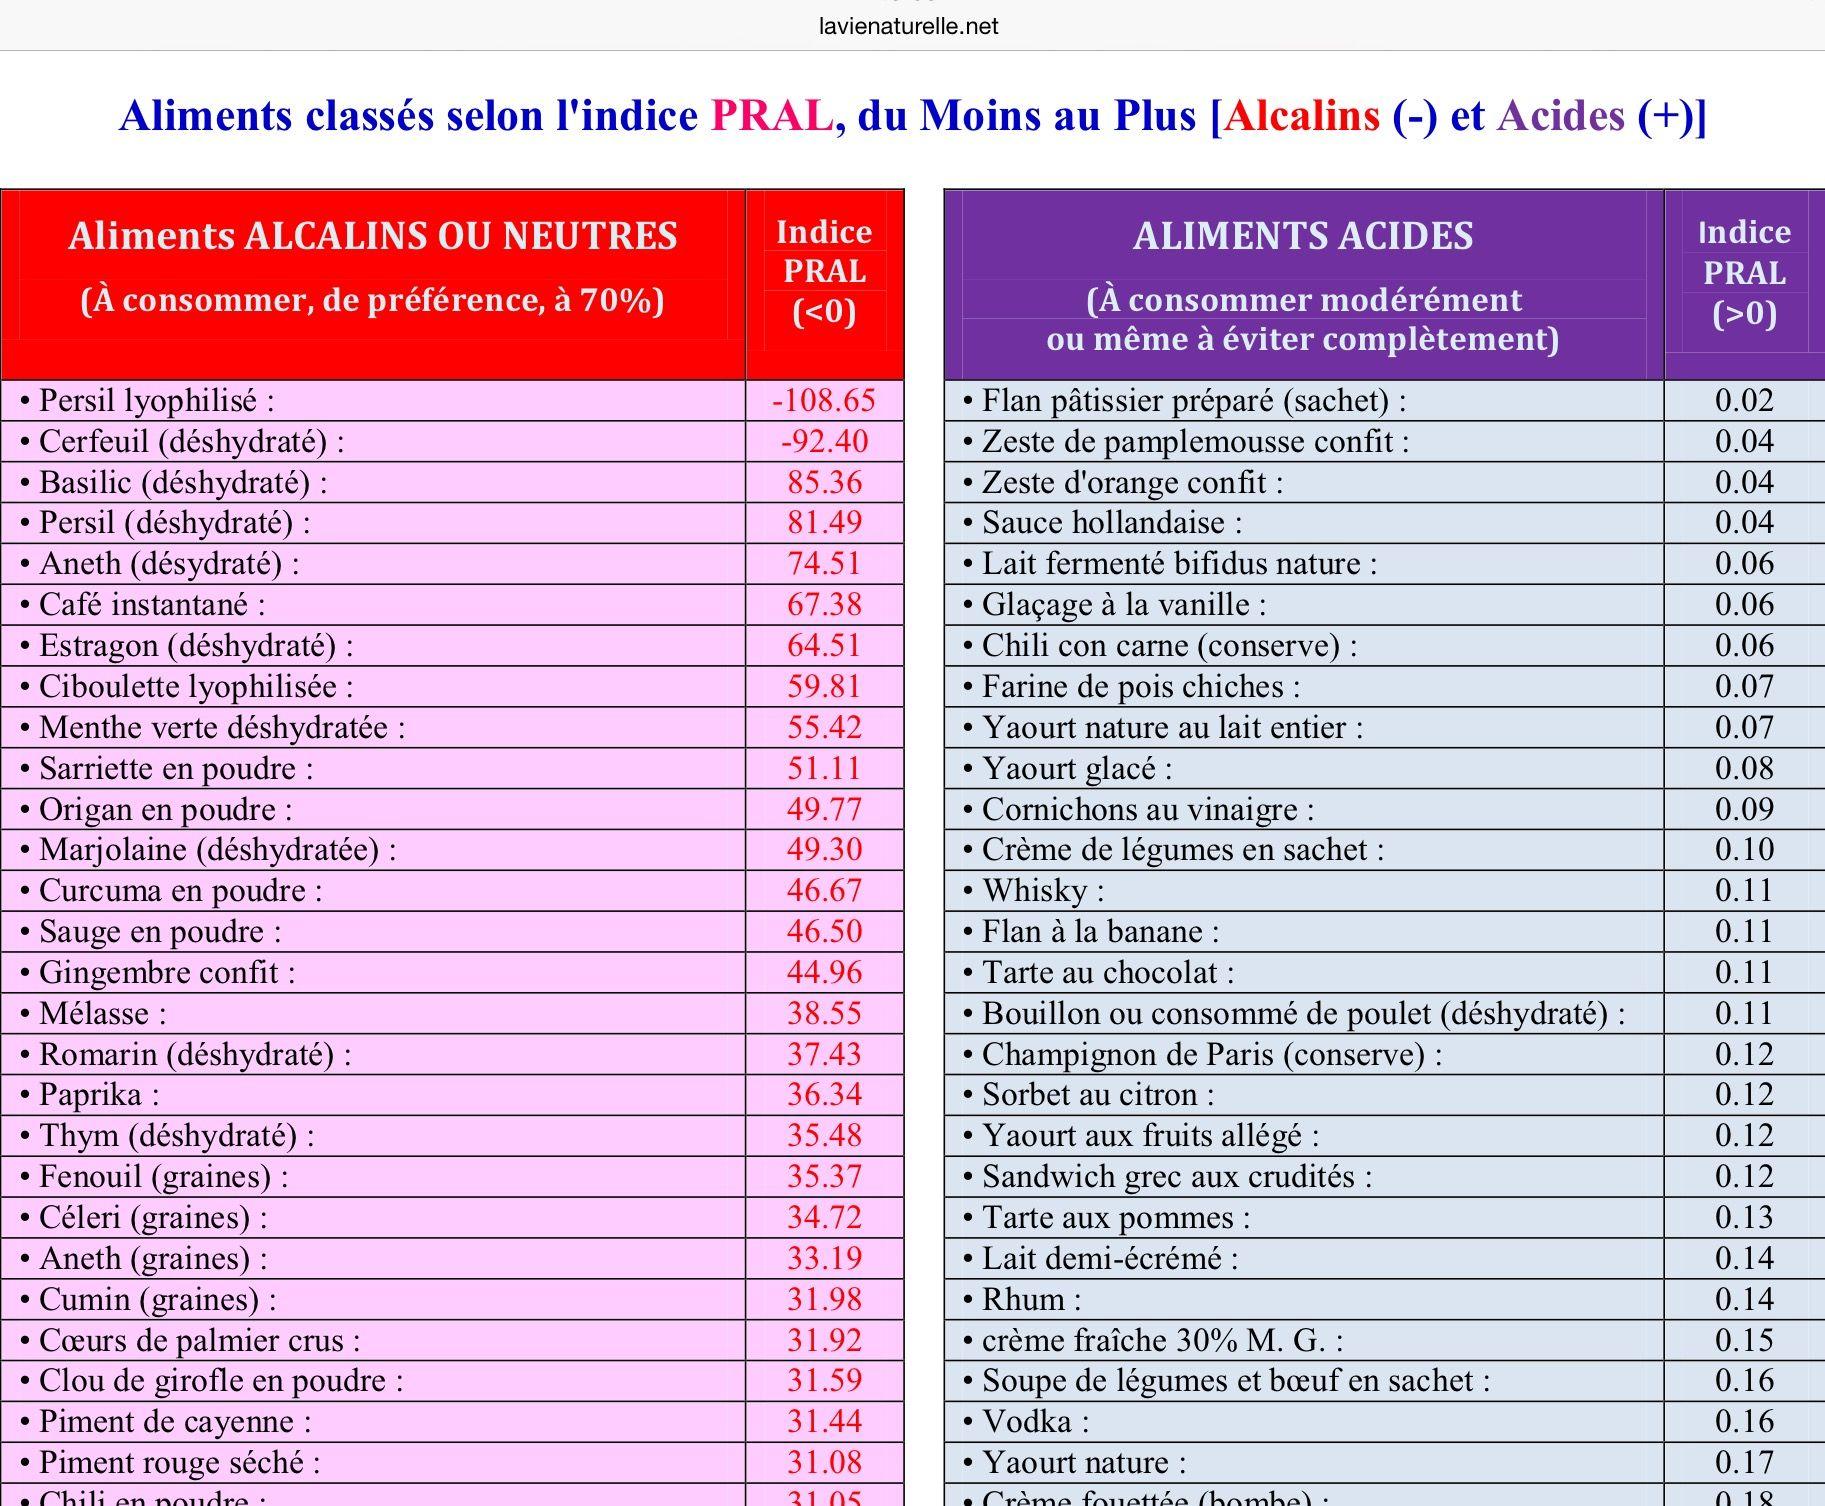 Connu Aliments classés selon l'indice PRAL, du moins au plus alcalin et  JZ83